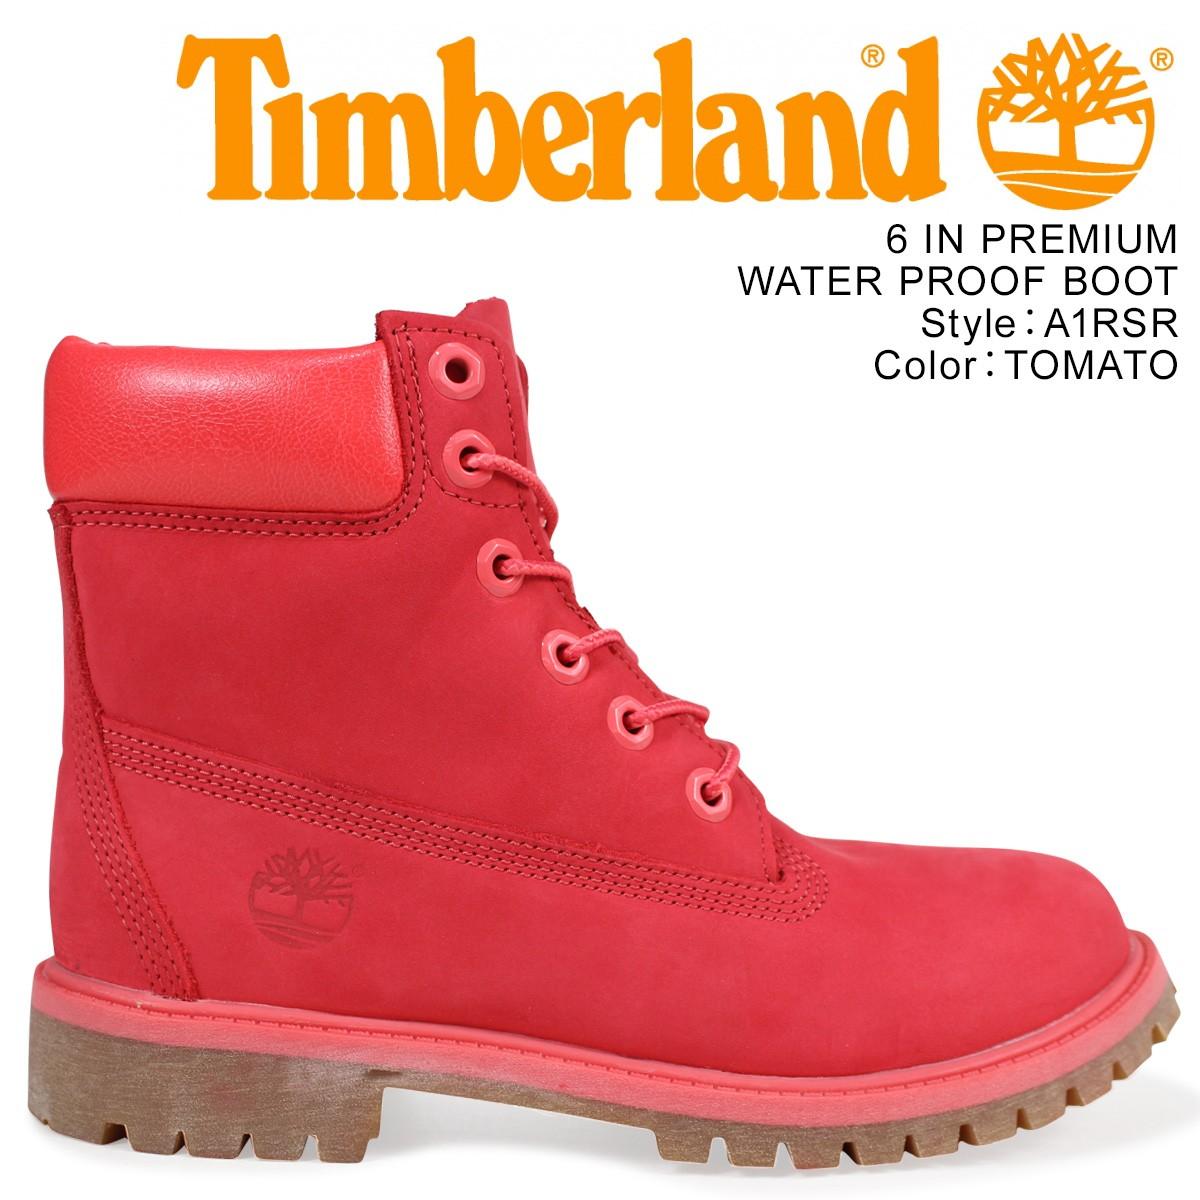 Timberland レディース ブーツ 6インチ ティンバーランド キッズ JUNIOR 6INCH WATERPROOF BOOT A1RSR Mワイズ 防水 レッド